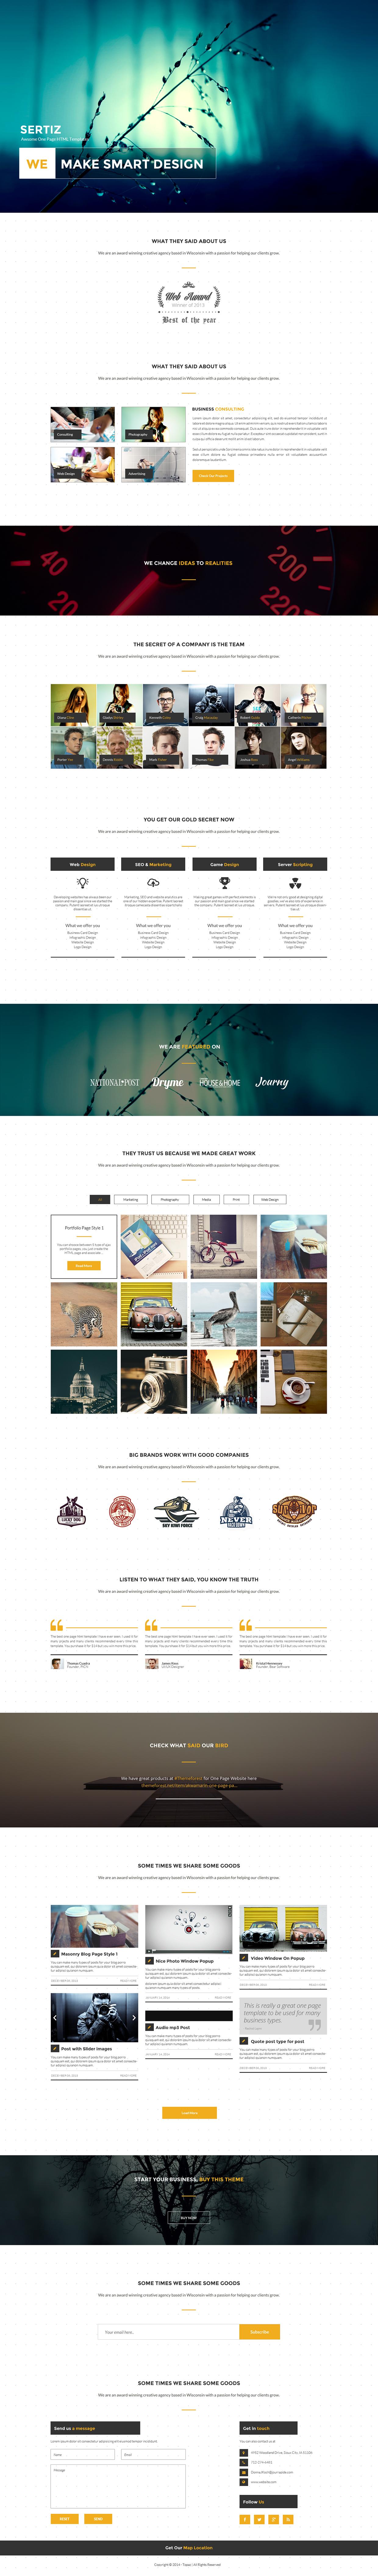 Fantastisch Portfolio Css Vorlage Galerie - Beispiel Business ...